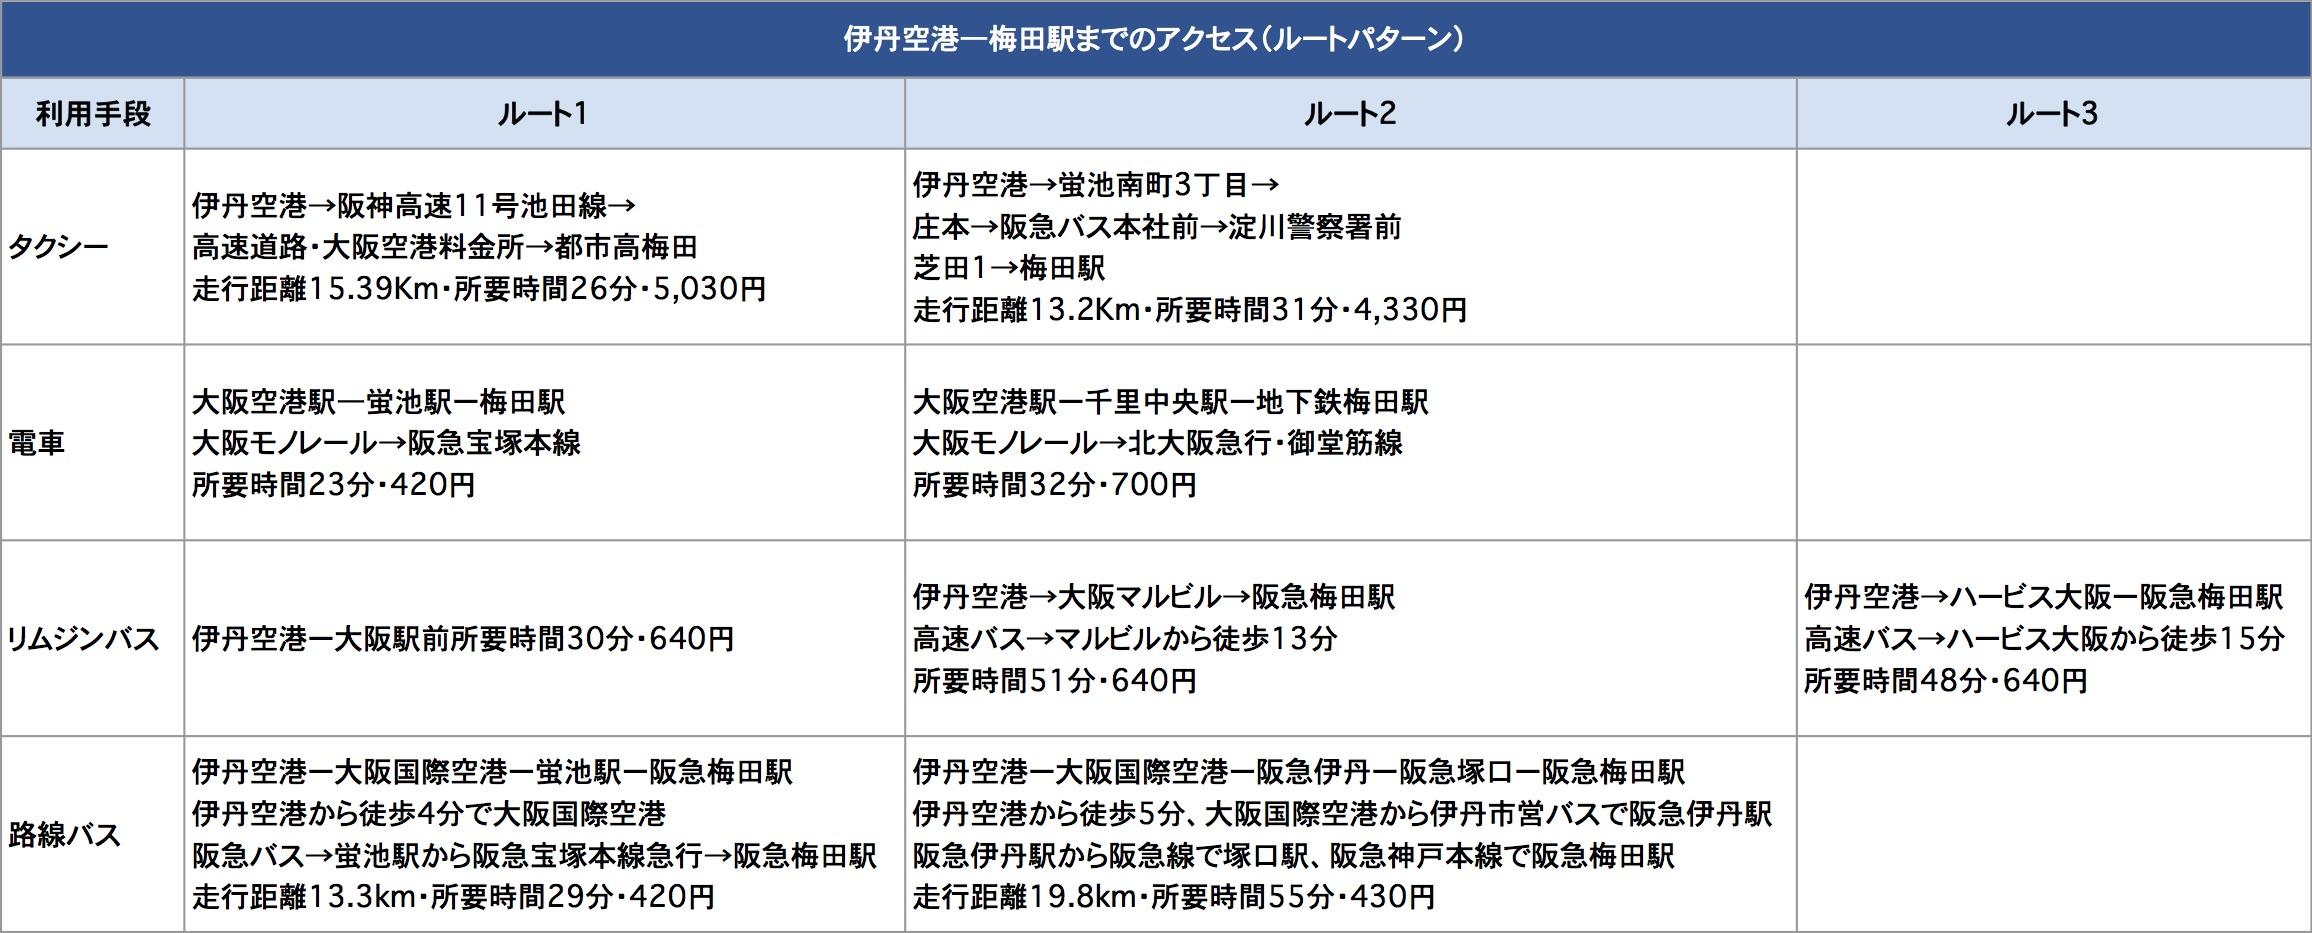 大阪 タクシー 料金 距離 時間